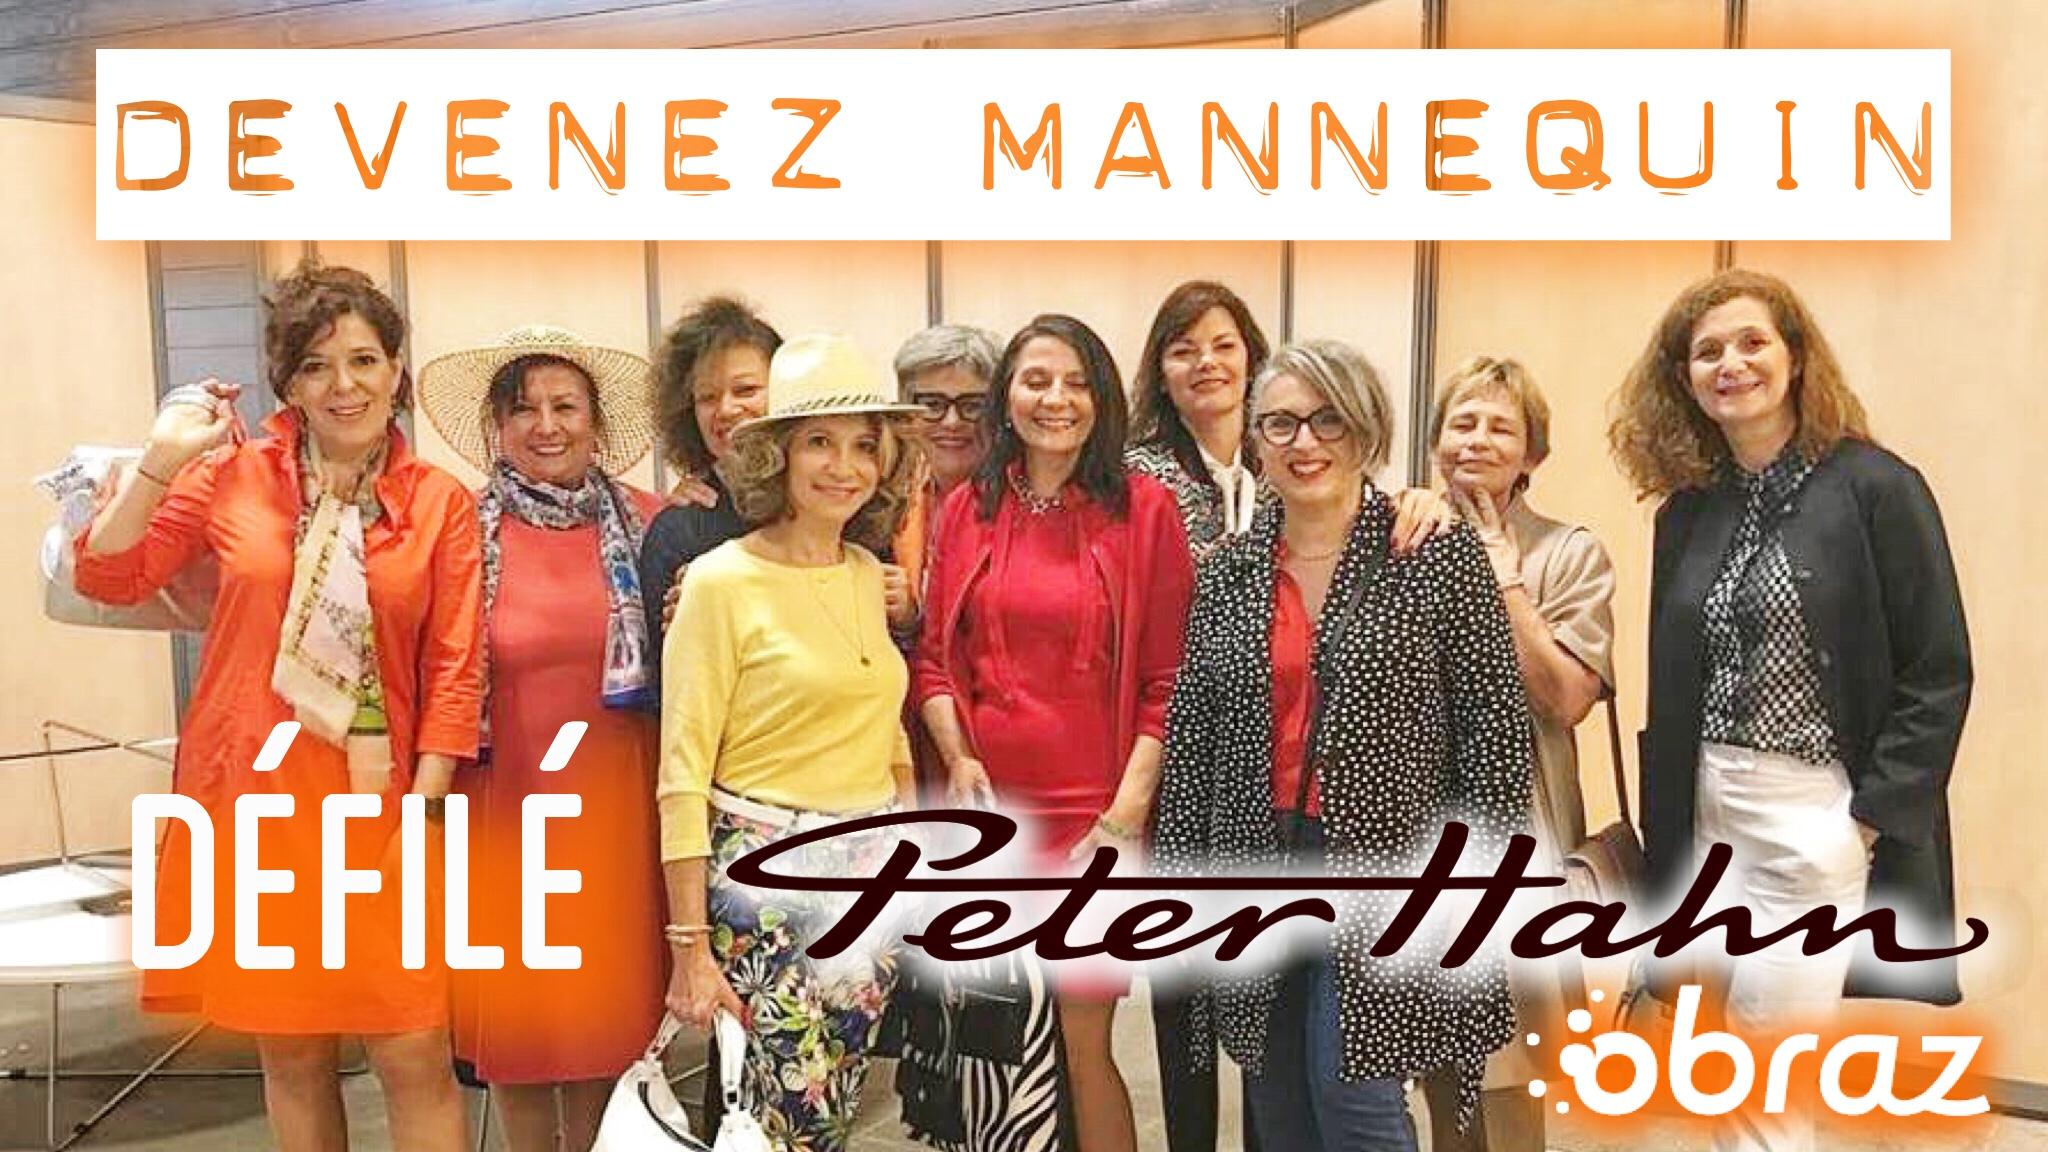 DEVENIR MANNEQUIN POUR UN JOUR: DÉFILÉ PETER HAHN AU SALON DES SENIORS